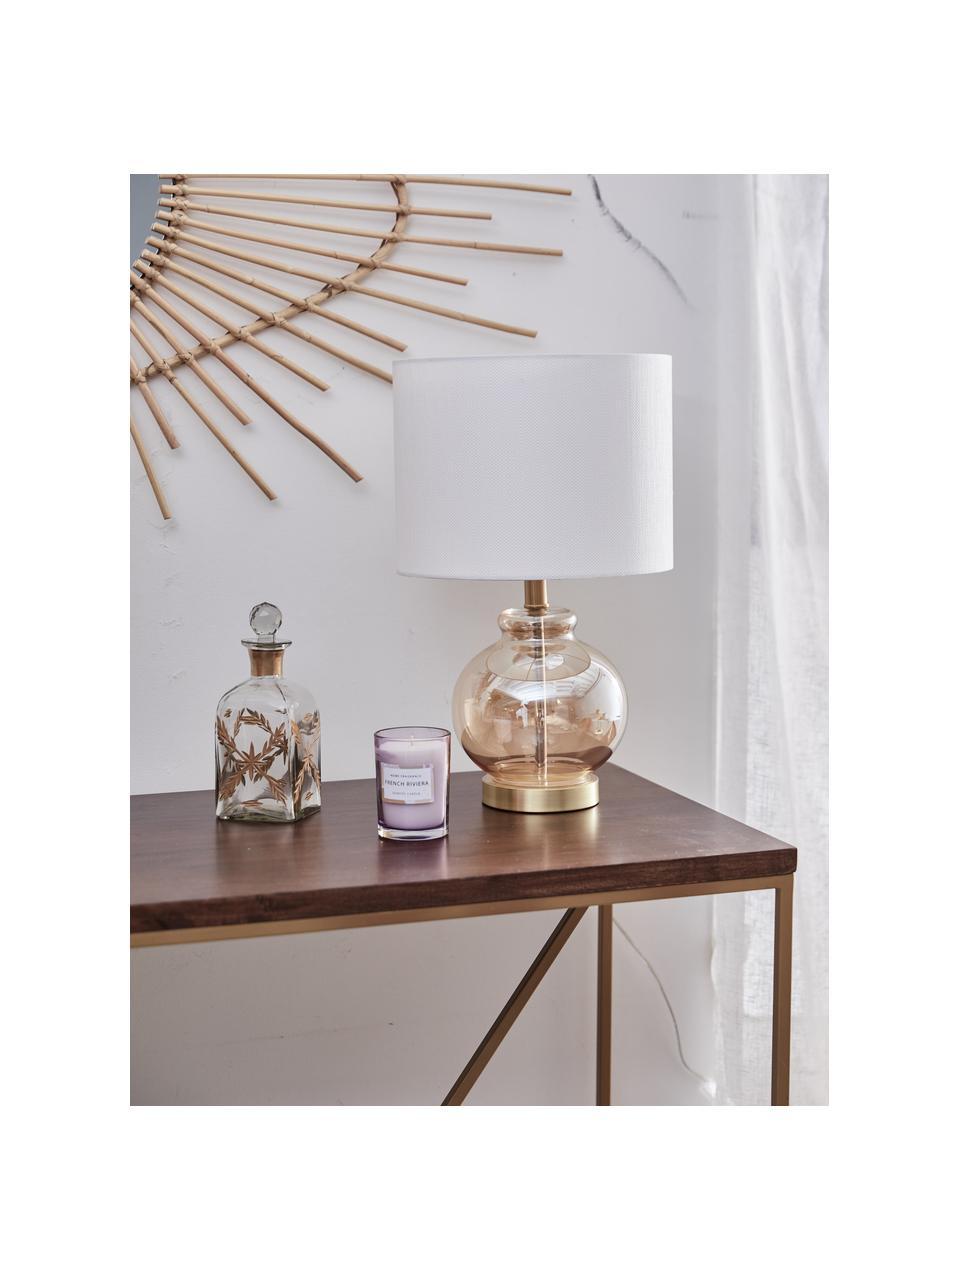 Tischlampe Natty mit Glasfuß, Lampenschirm: Textil, Lampenfuß: Glas, Sockel: Messing, gebürstet, Weiß, Bernsteinfarben, transparent, Ø 31 x H 48 cm